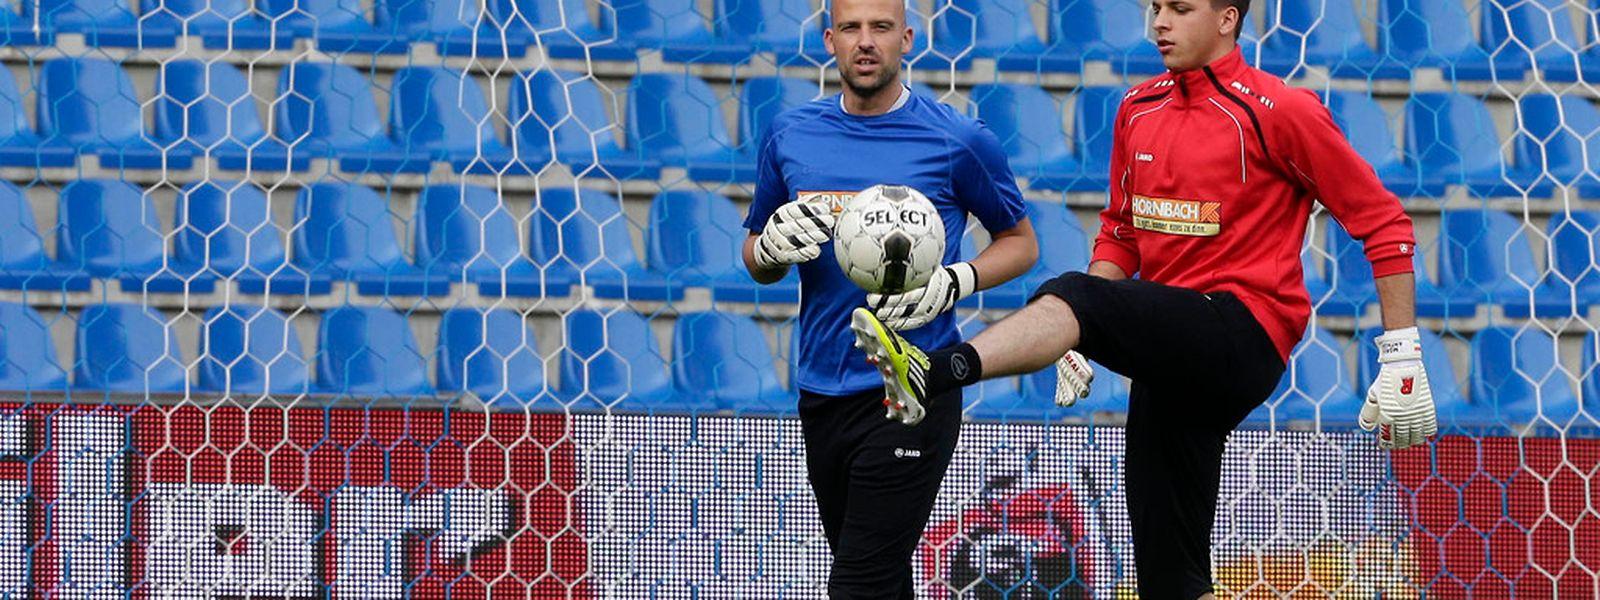 Jonathan Joubert a accompagné Anthony Moris à l'entraînement, mais c'est le gardien de Saint-Trond qui défendra les buts luxembourgeois